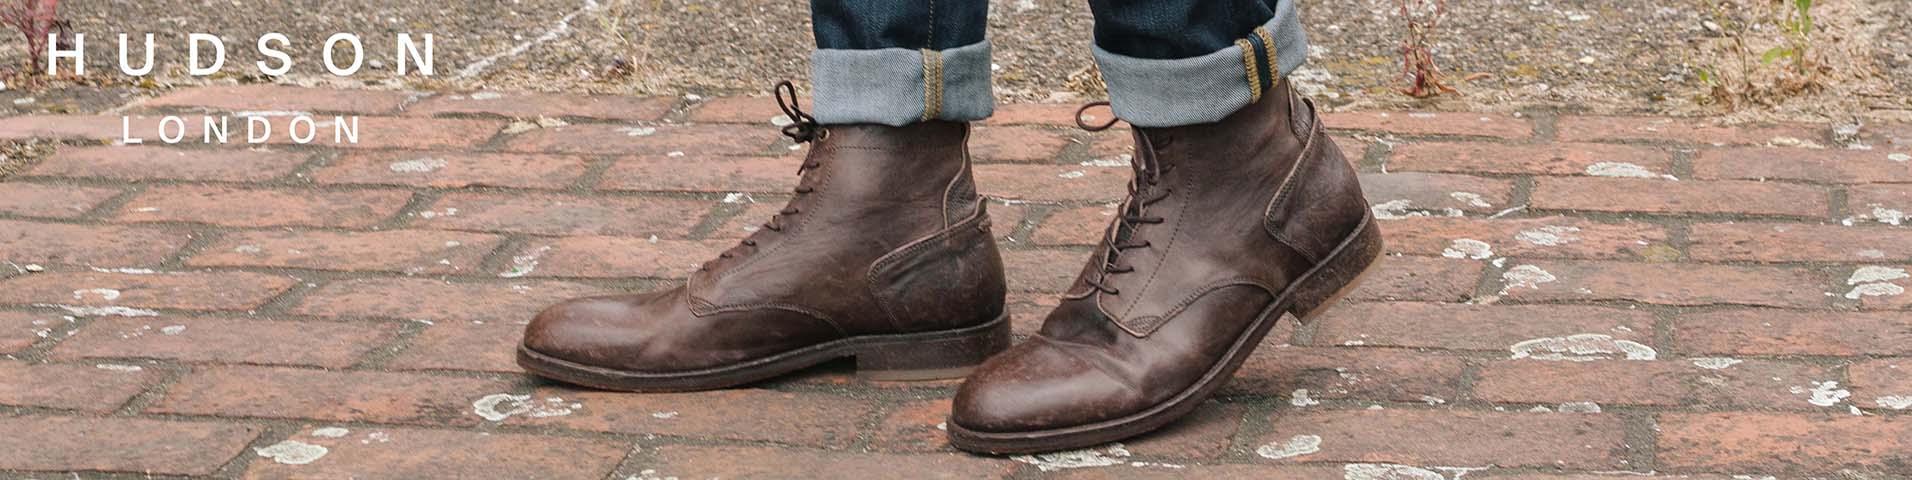 Hudson London Schuhe für Herren sind jetzt besonders günstig